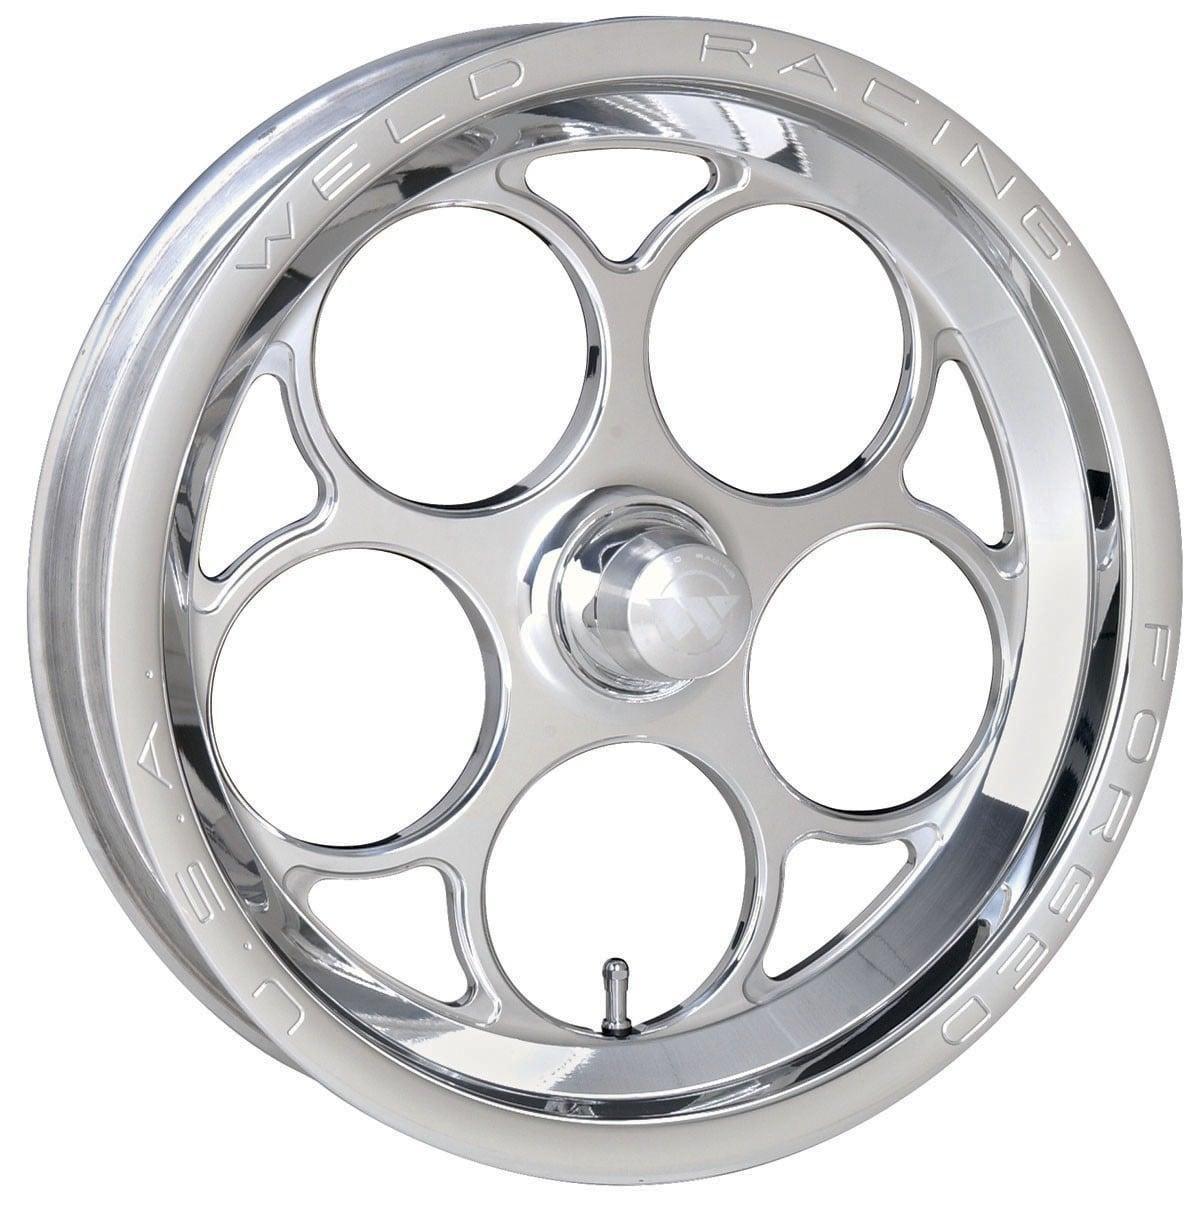 Delica D5 Four Wheel: MAGNUM 2.0 FRT 15x3.5 SPL MOUNT